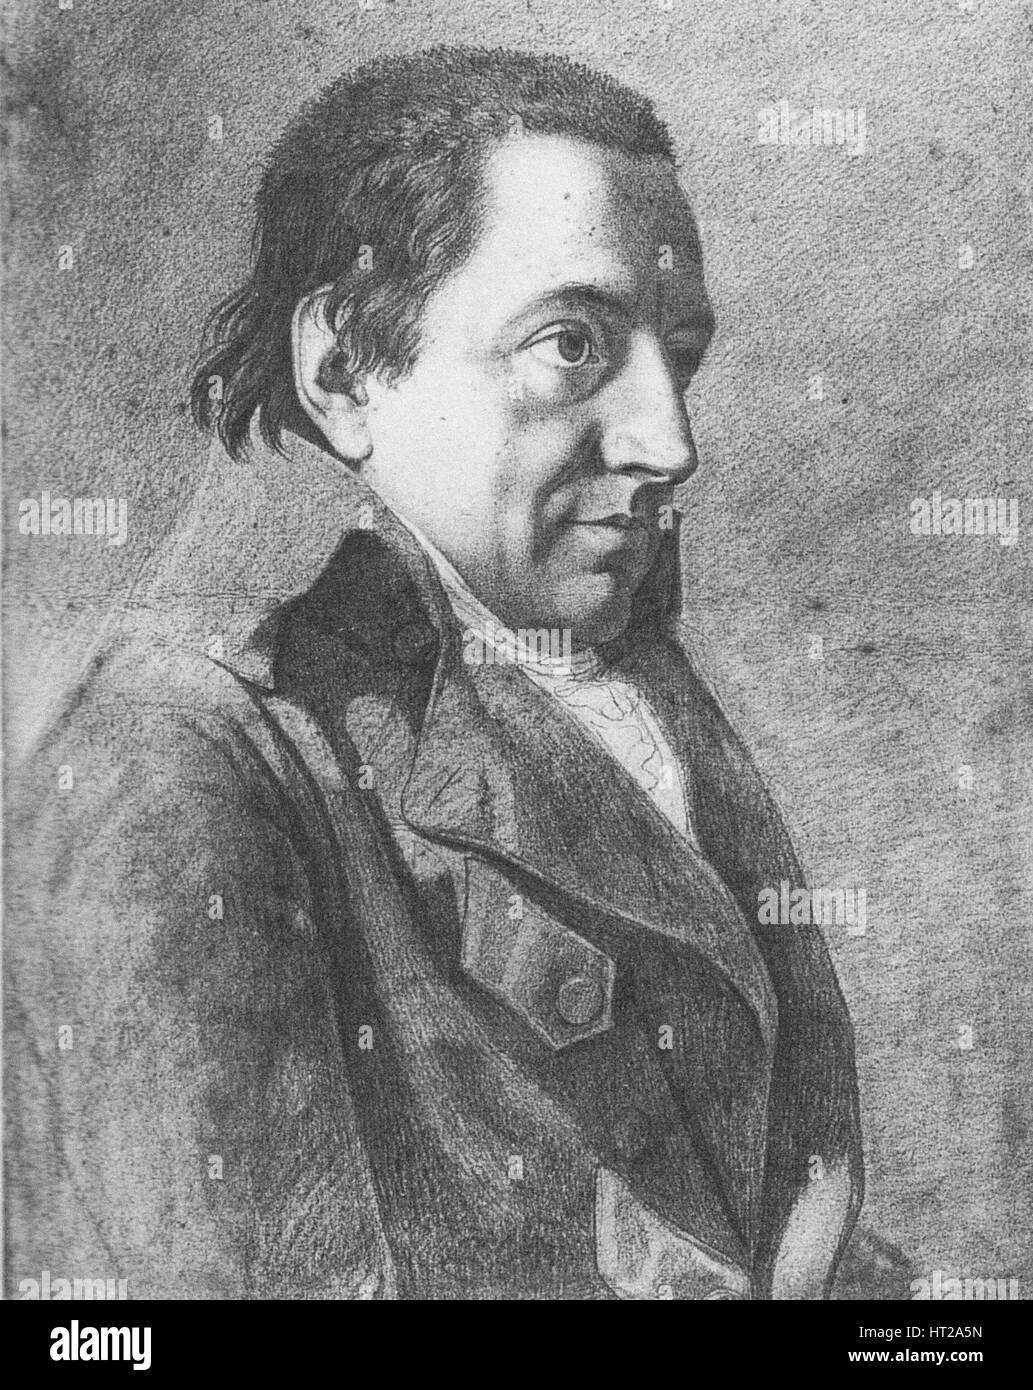 Portrait of Johann Gottlieb Fichte (1762-1814), c. 1800. Artist: Bury, Friedrich (1763-1823) - Stock Image